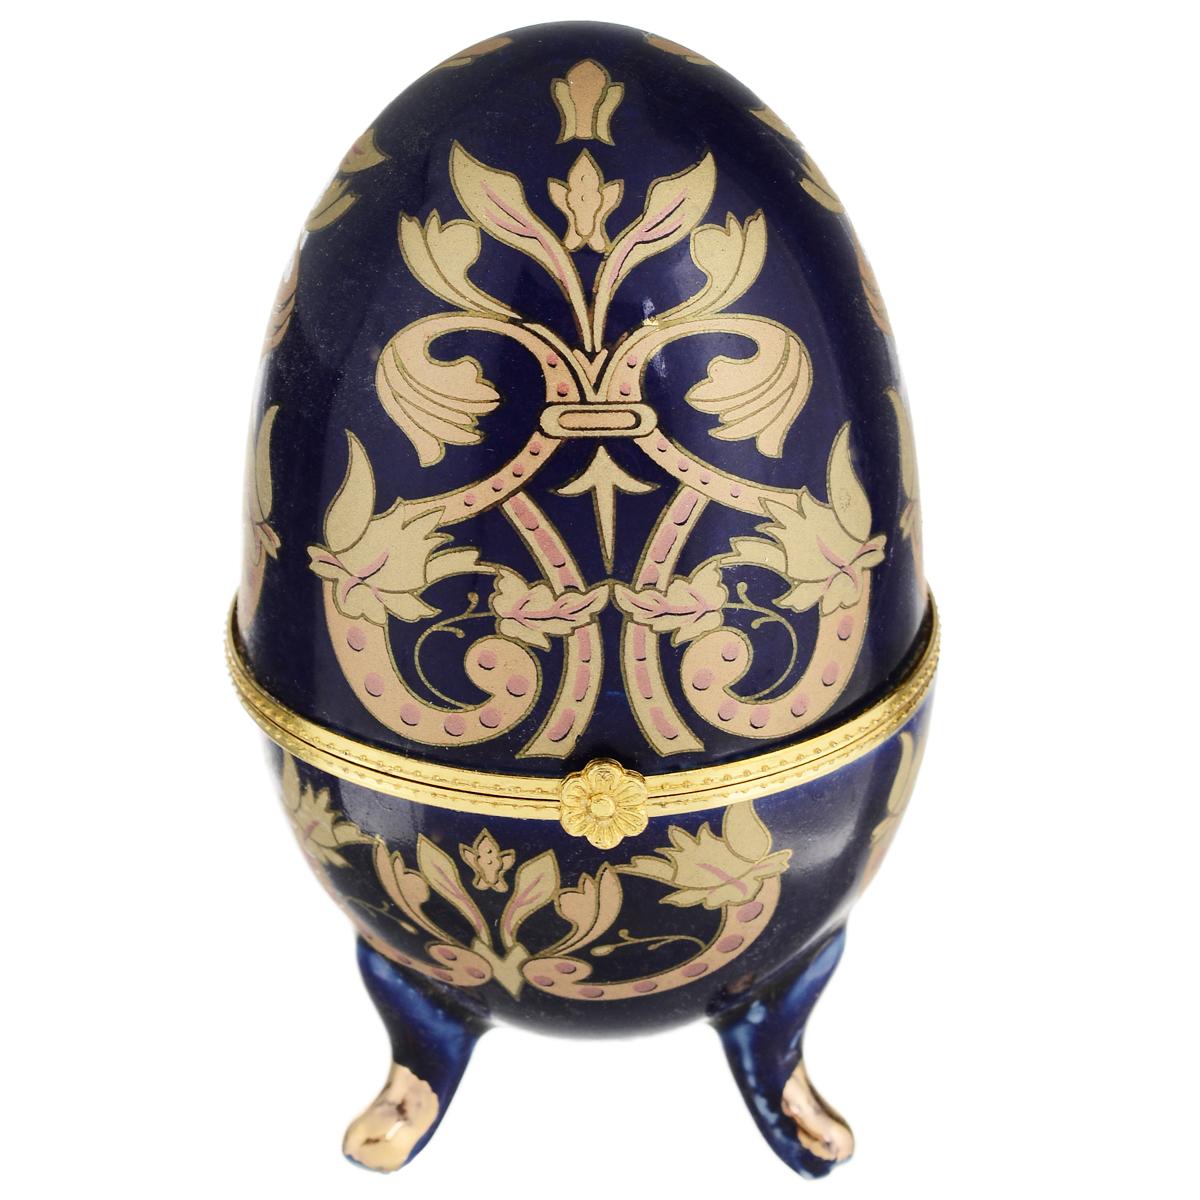 Шкатулка Besko Инди. 528-220184190Стильная шкатулка Besko Инди не оставит равнодушной ни одну любительницу драгоценностей и изысканных вещей. Шкатулка в форме яйца на трех ножках выполнена из фарфора синего цвета и украшена золотым орнаментом.Сочетание оригинального дизайна и функциональности сделает такую шкатулку практичным и стильным подарком, а также предметом гордости ее обладательницы. Рекомендуется регулярно удалят пыль мягкой, сухой тряпкой. Не применять абразивные чистящие вещества.